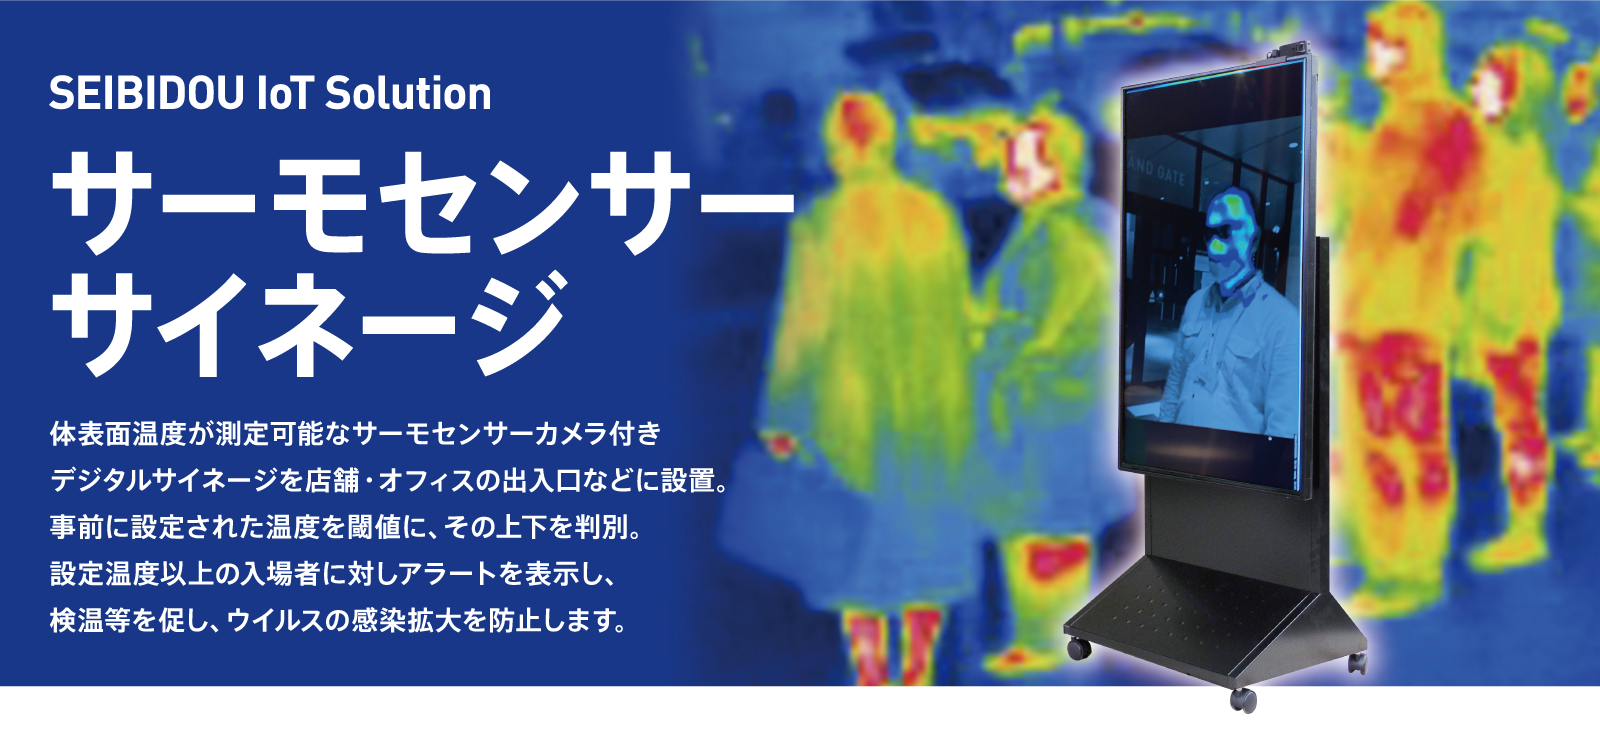 サーモセンサーサイネージ|来場者の体温測定可能なデジタルサイネージ|LED看板のセイビ堂